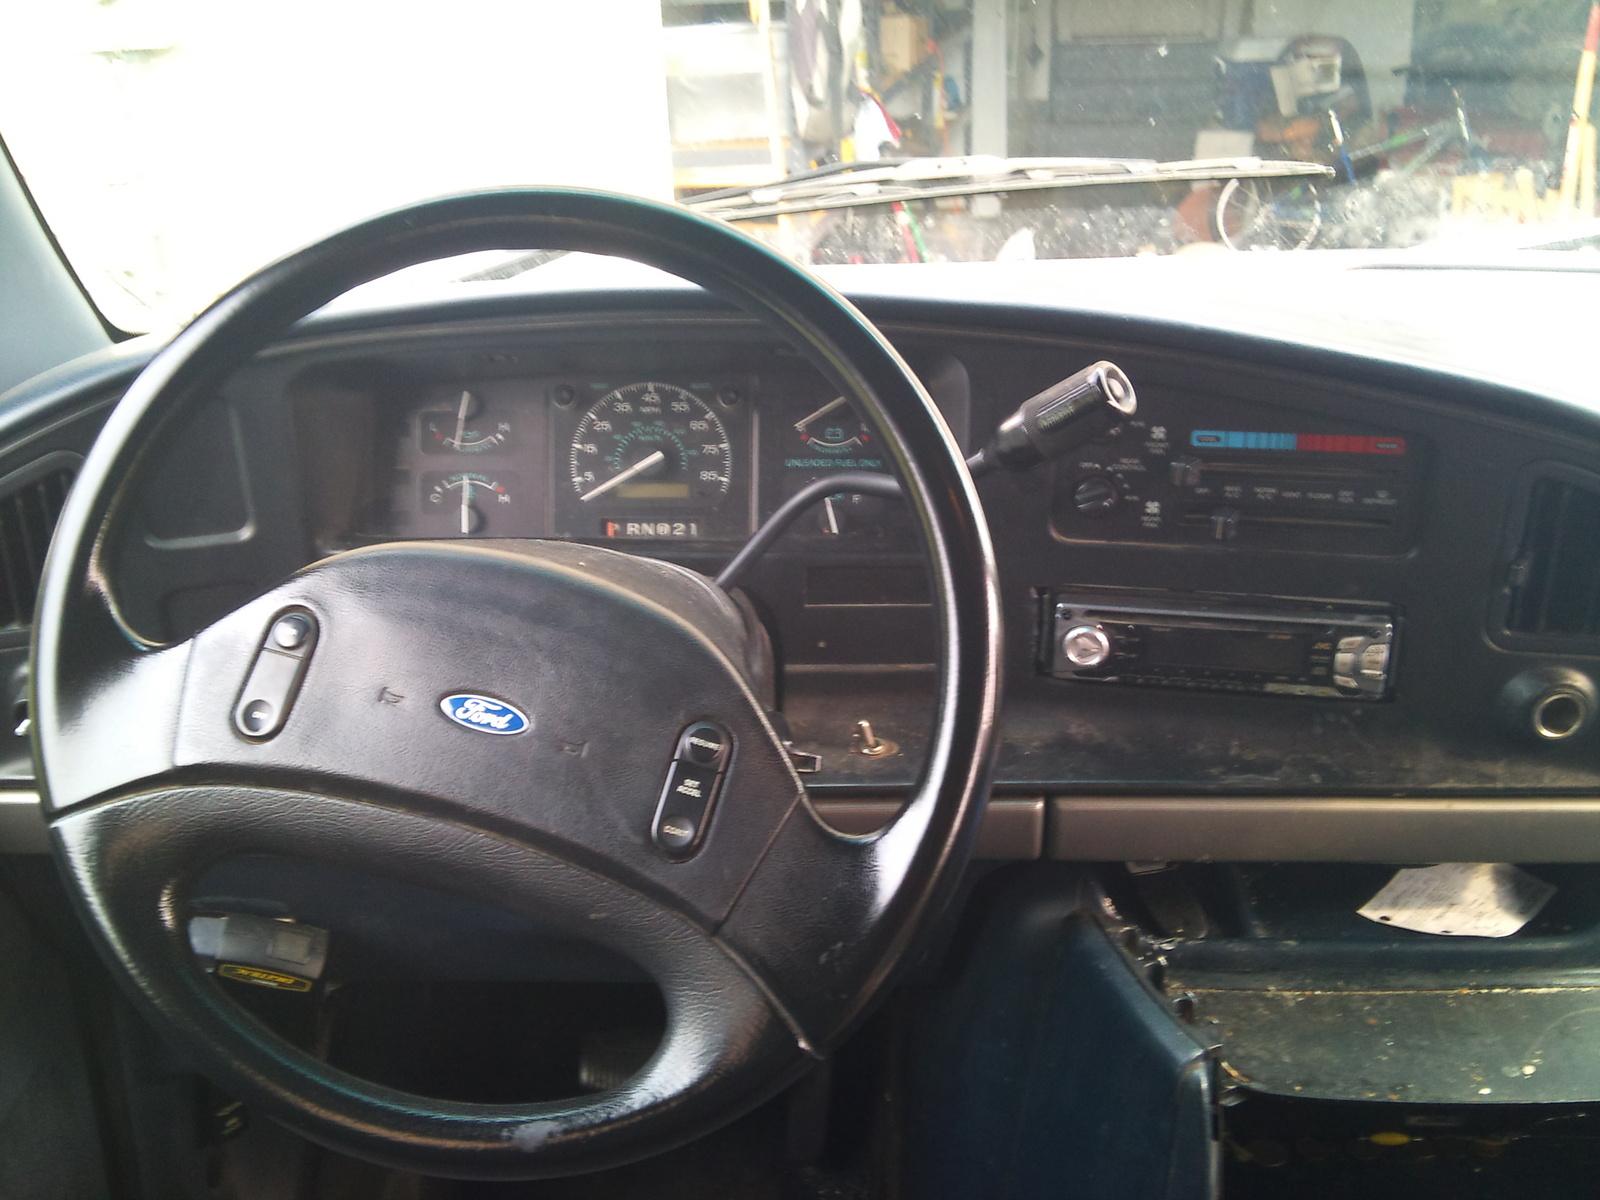 1994 Ford E 350 Interior Pictures Cargurus